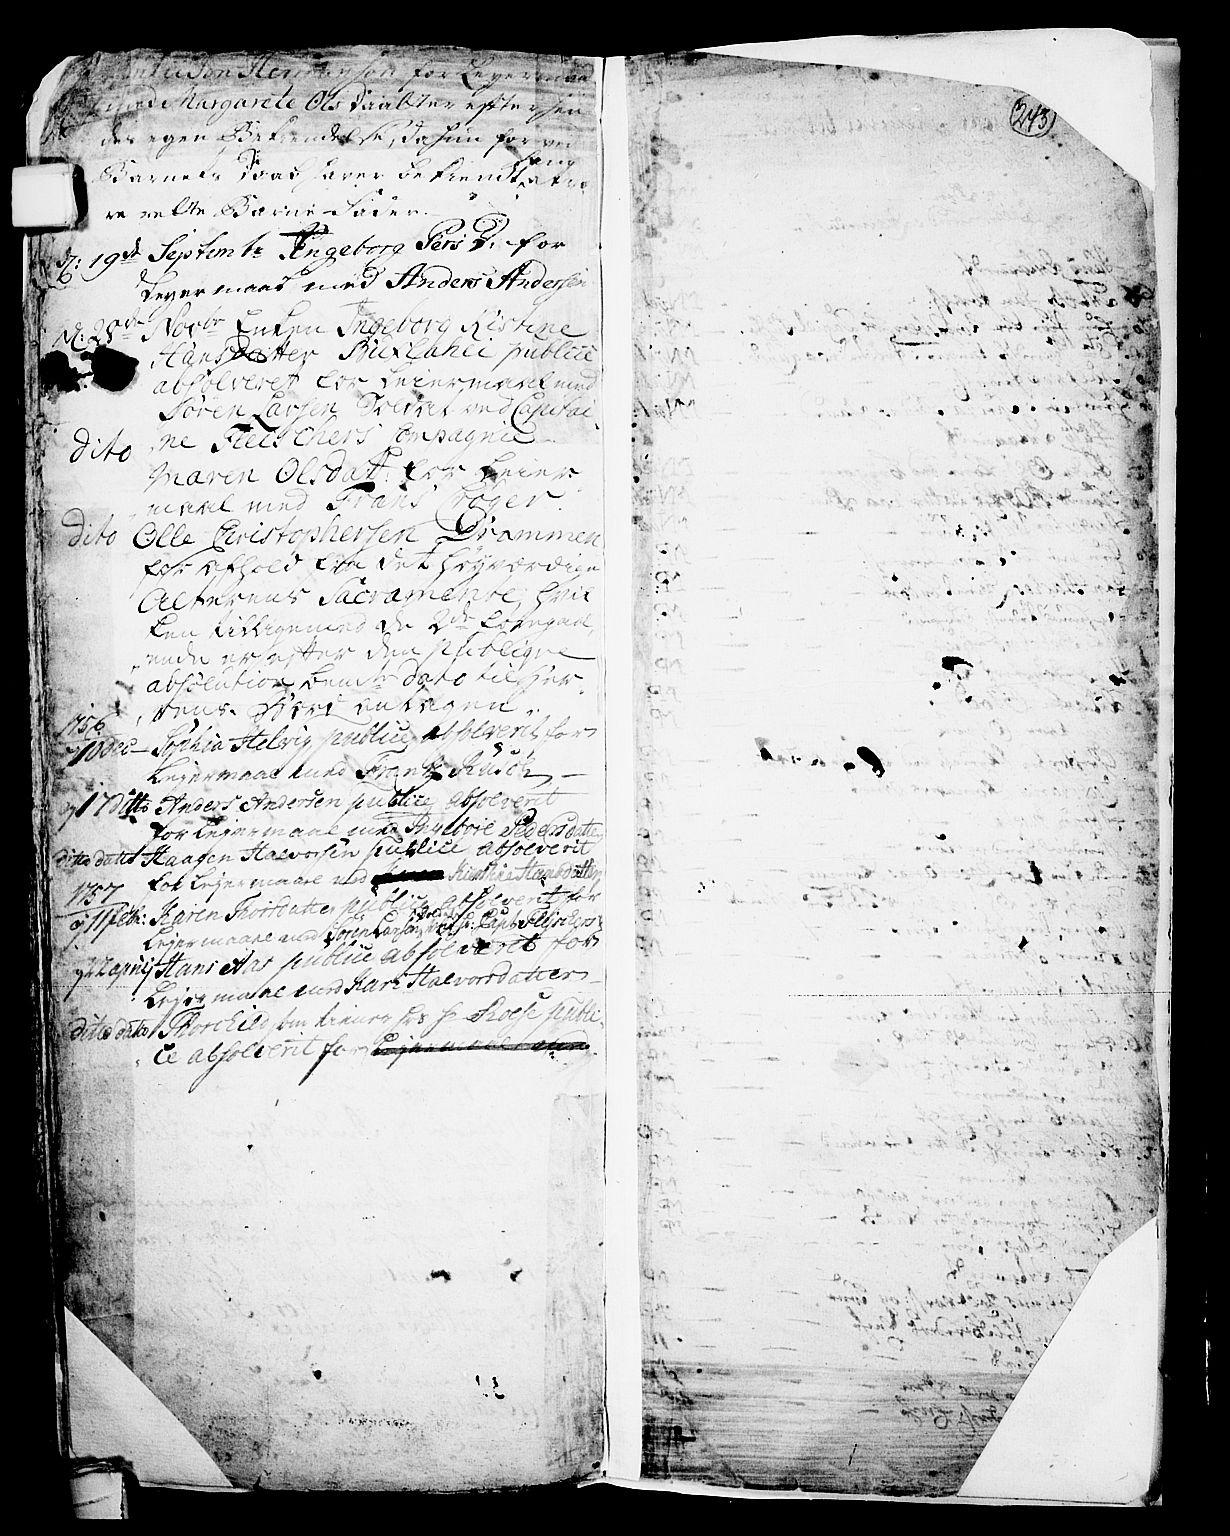 SAKO, Skien kirkebøker, F/Fa/L0002: Ministerialbok nr. 2, 1716-1757, s. 243